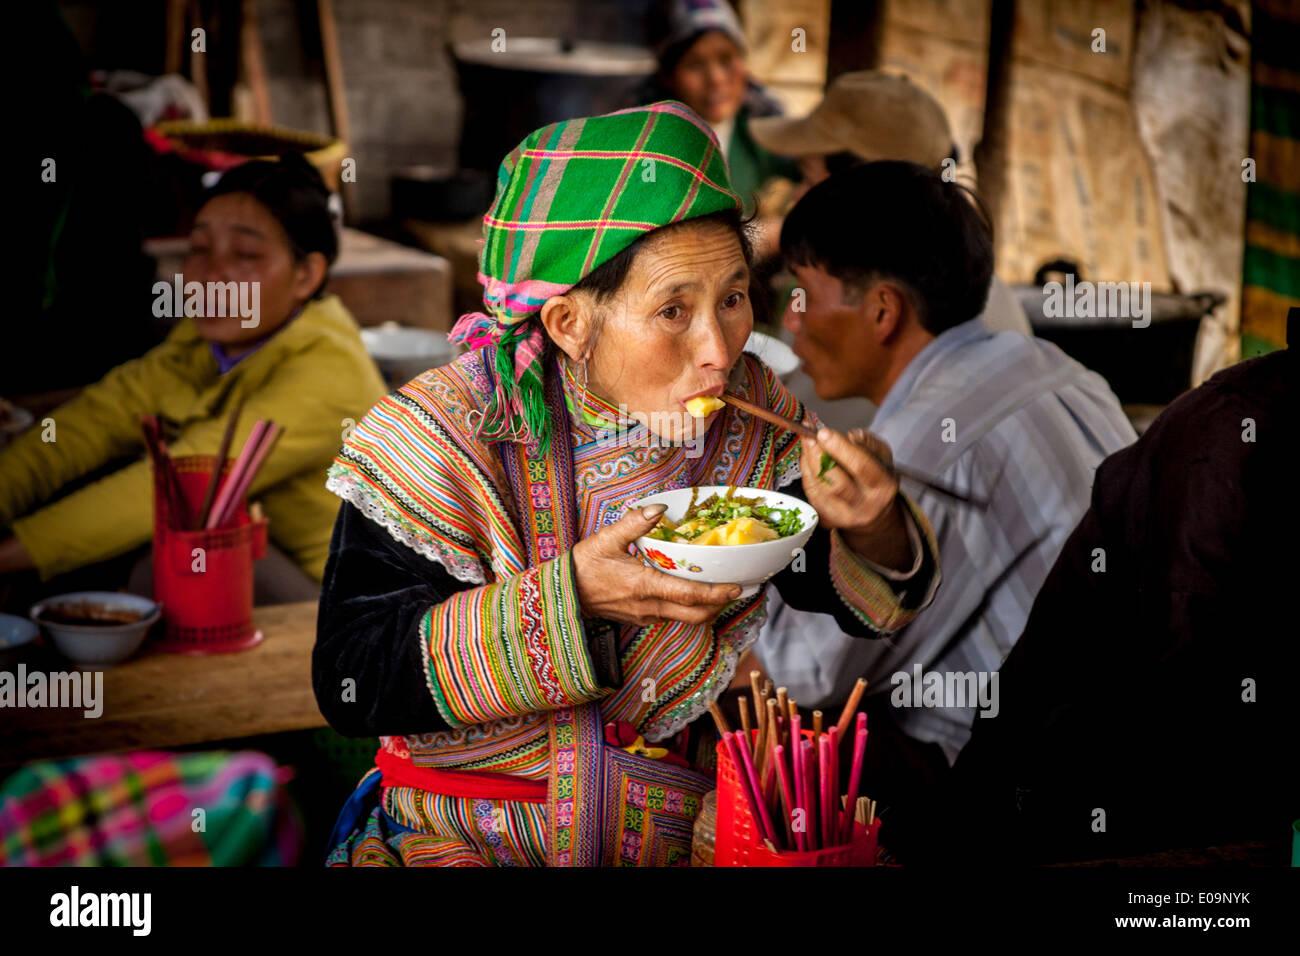 Flor Mujer Hmong comer el almuerzo en el mercado dominical de Bac Ha, provincia de Lao Cai, Vietnam Imagen De Stock